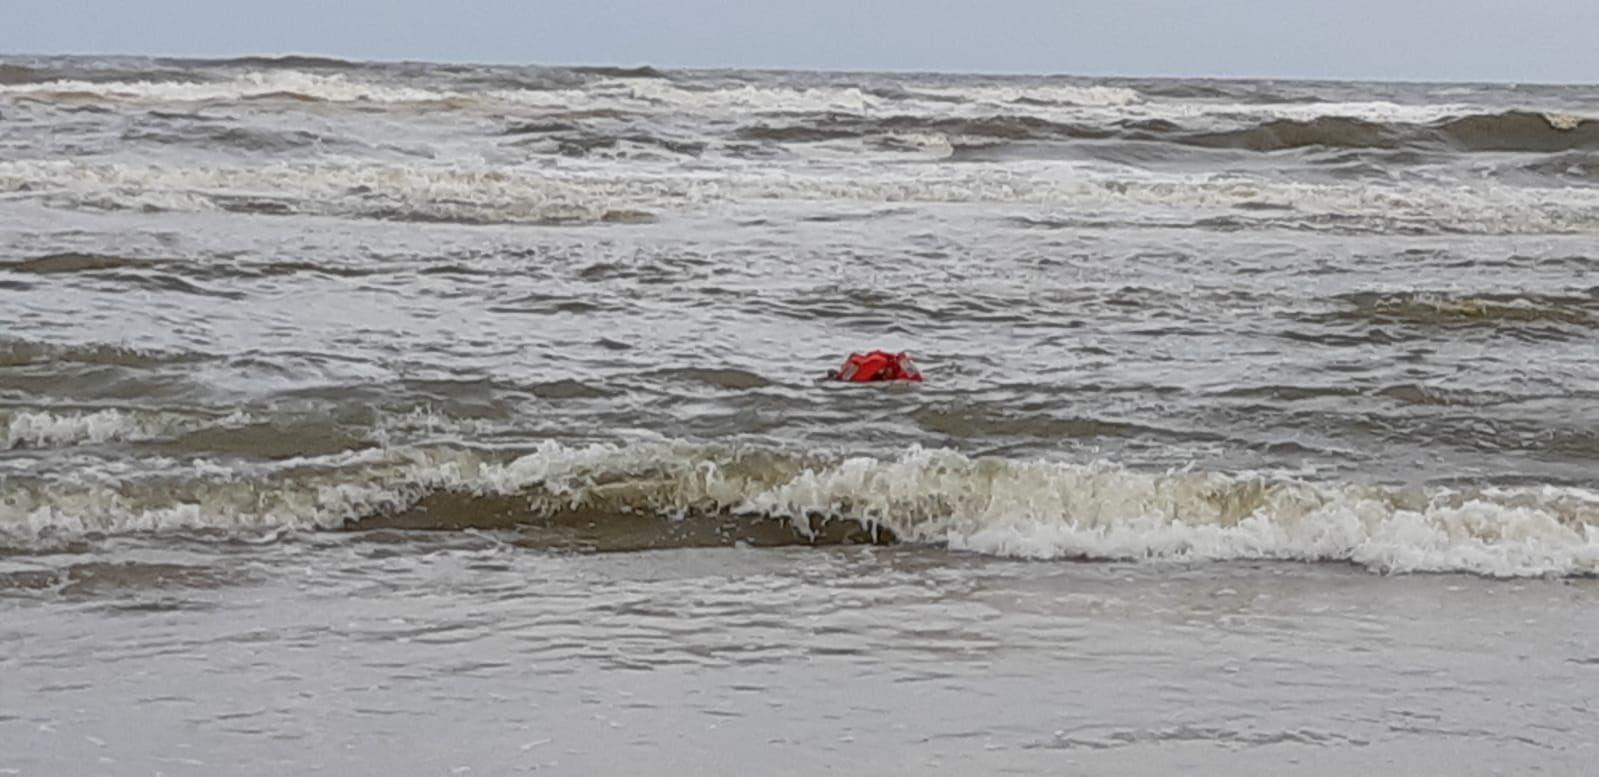 Verdrinking in zee blijkt oefenpop